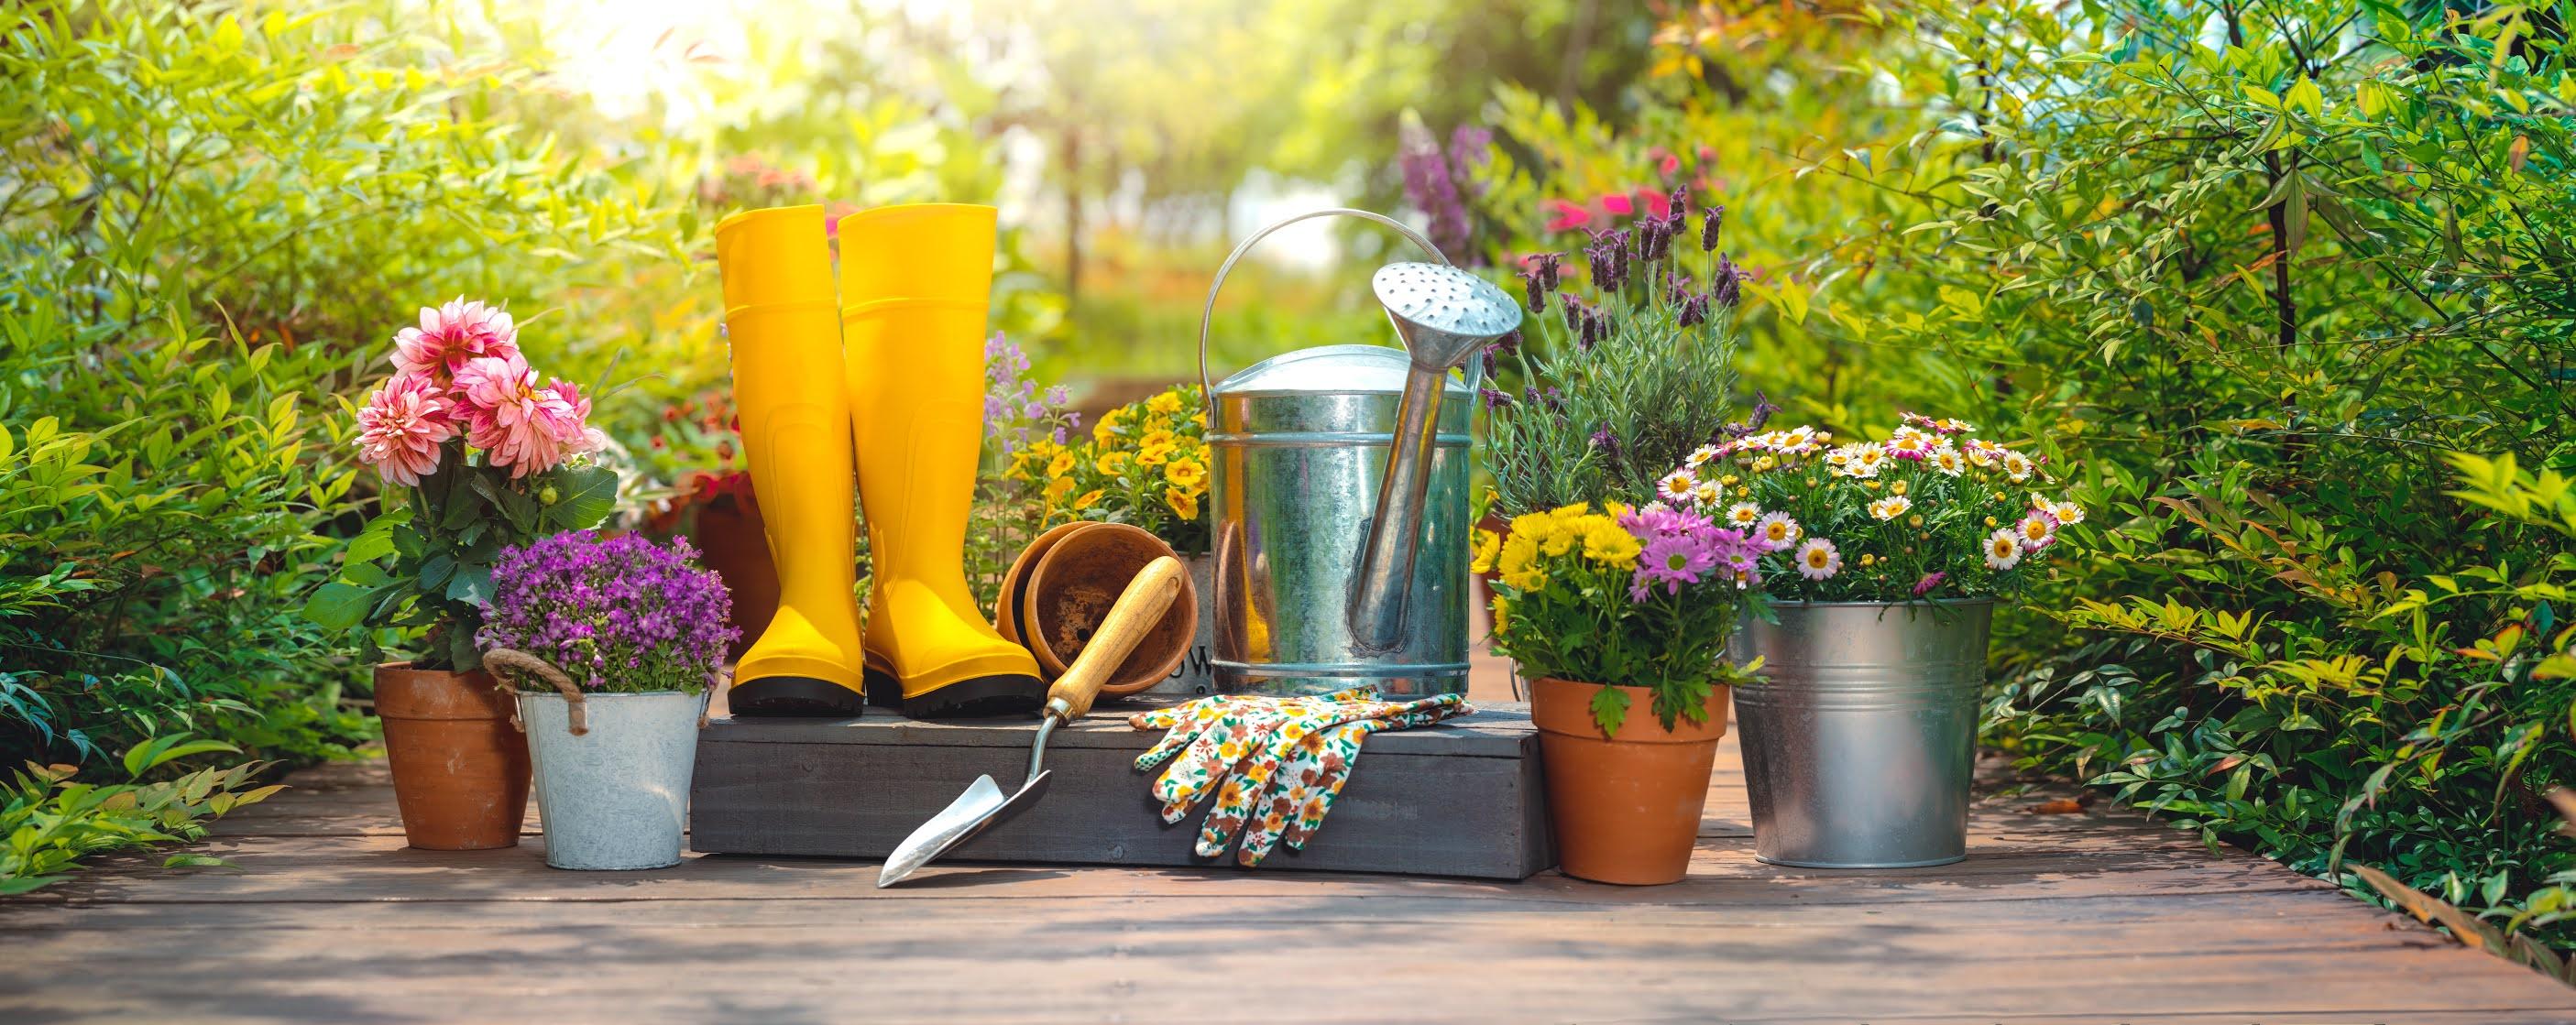 Spring Garden Tools